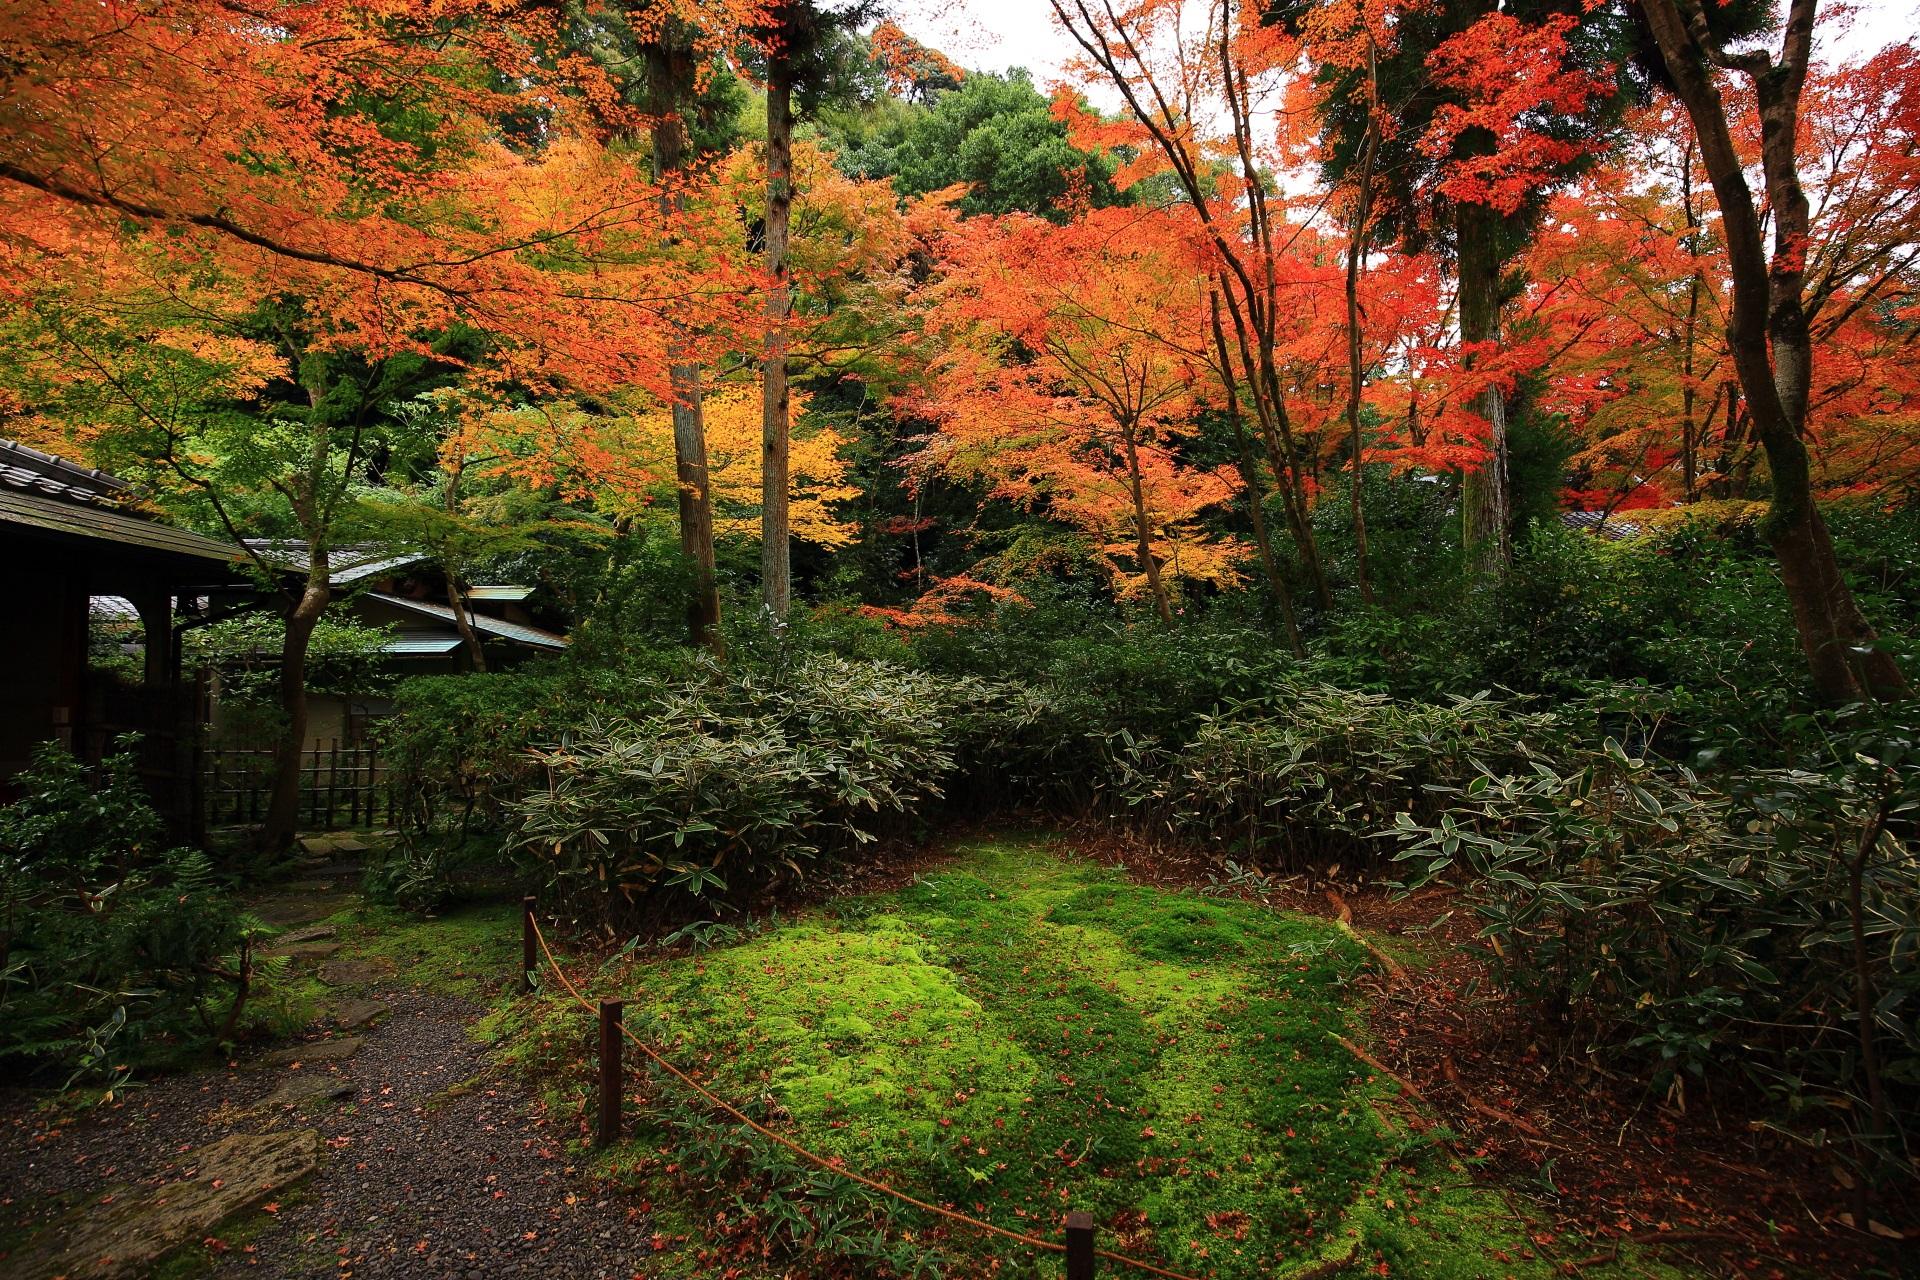 淡い緑の苔や深い緑の笹に映える含翠庭の色とりどりの鮮やかな紅葉